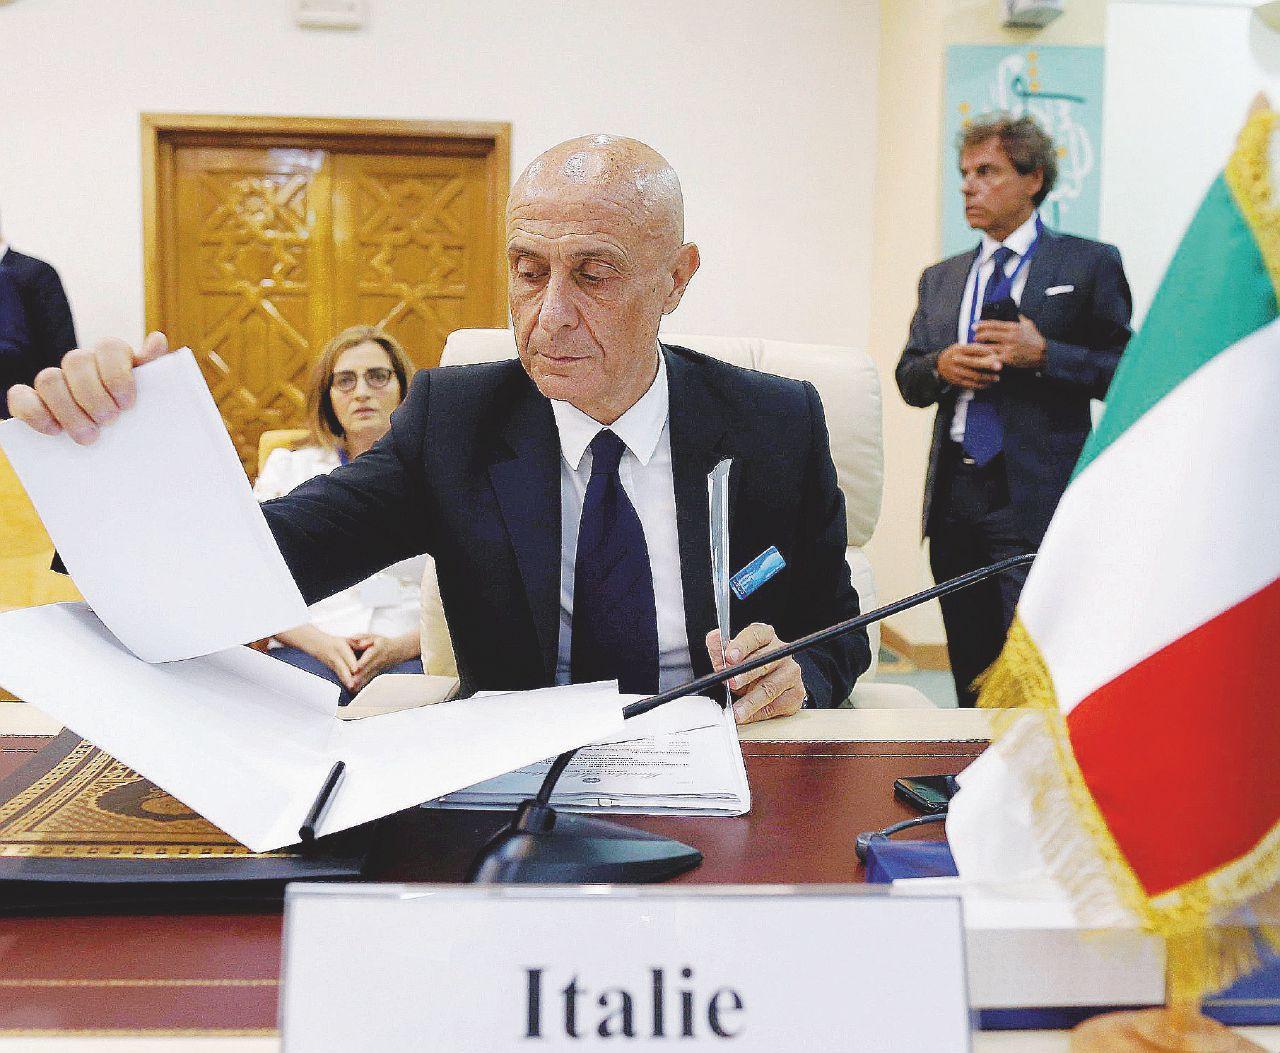 Vi racconto i rischi per Renzi e Minniti su Ong e migranti